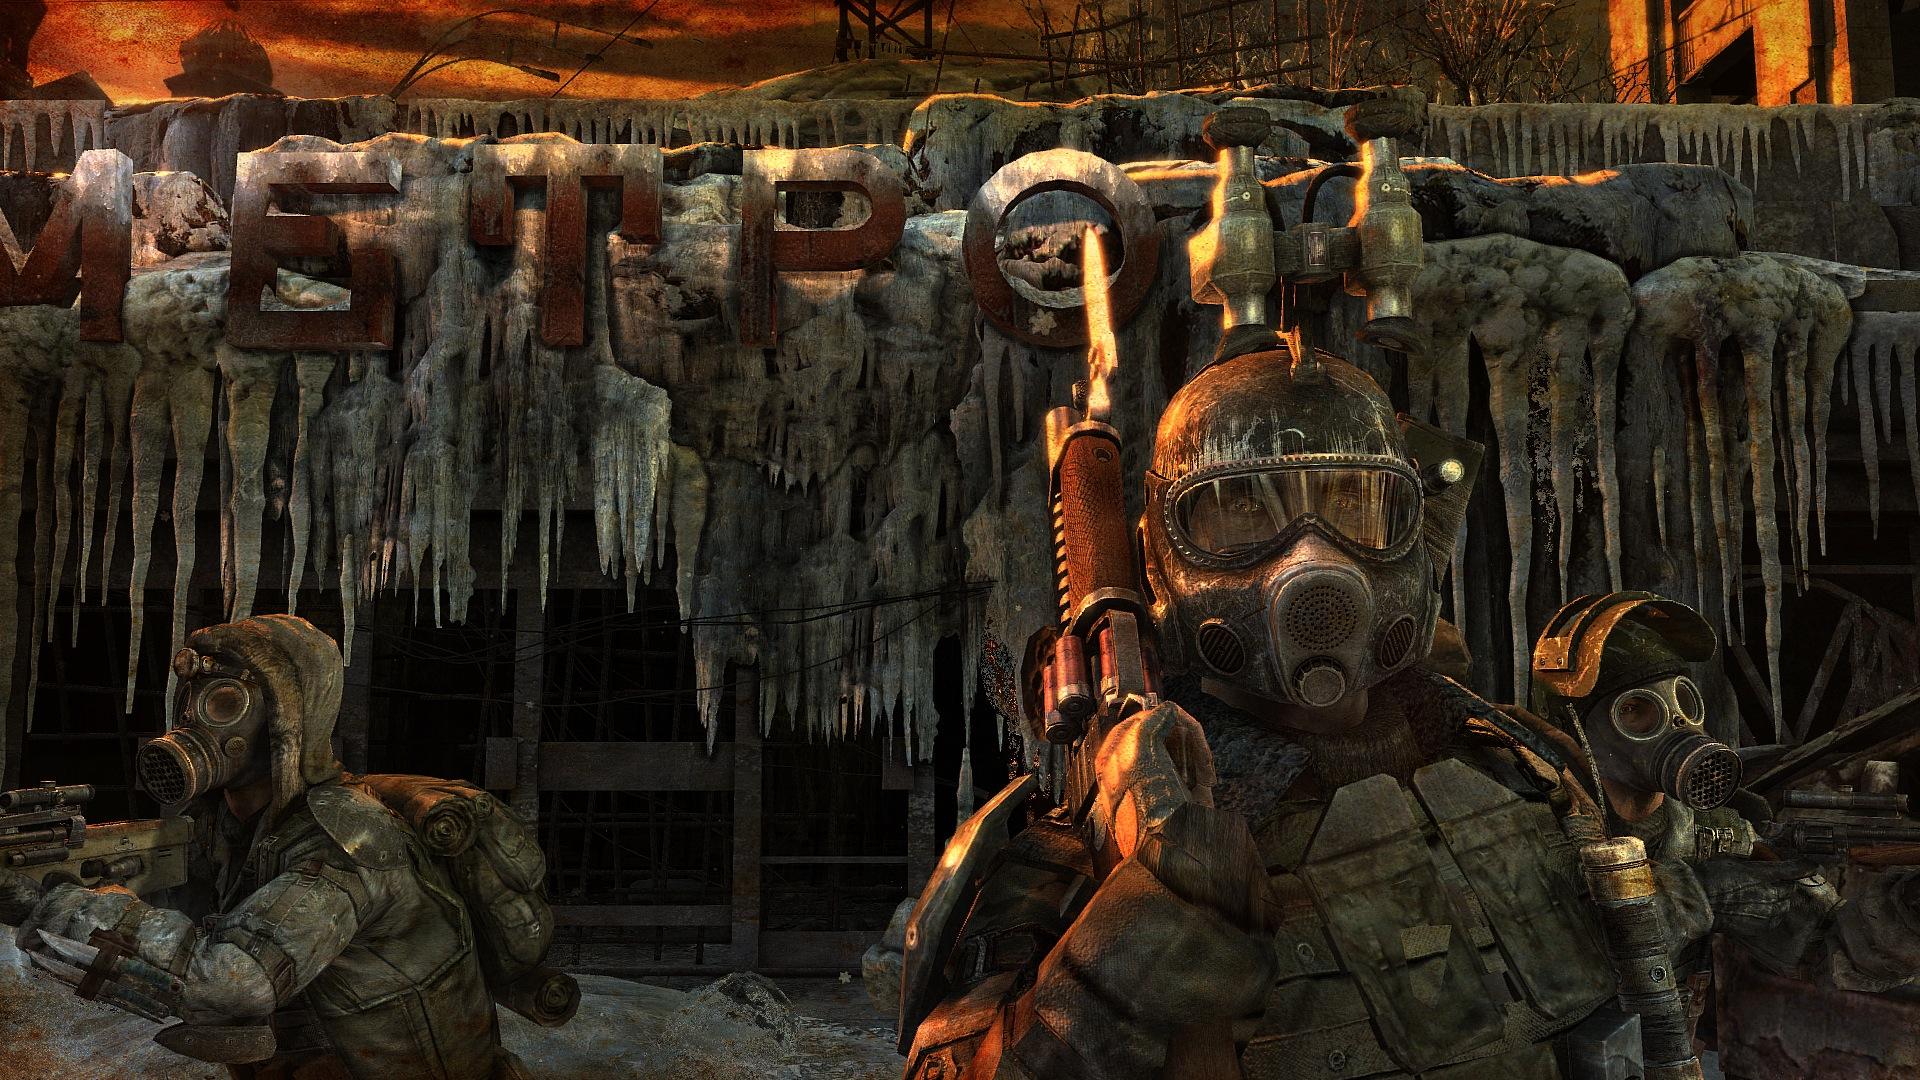 Вселенная метро 2033 скачать бесплатно - 6c